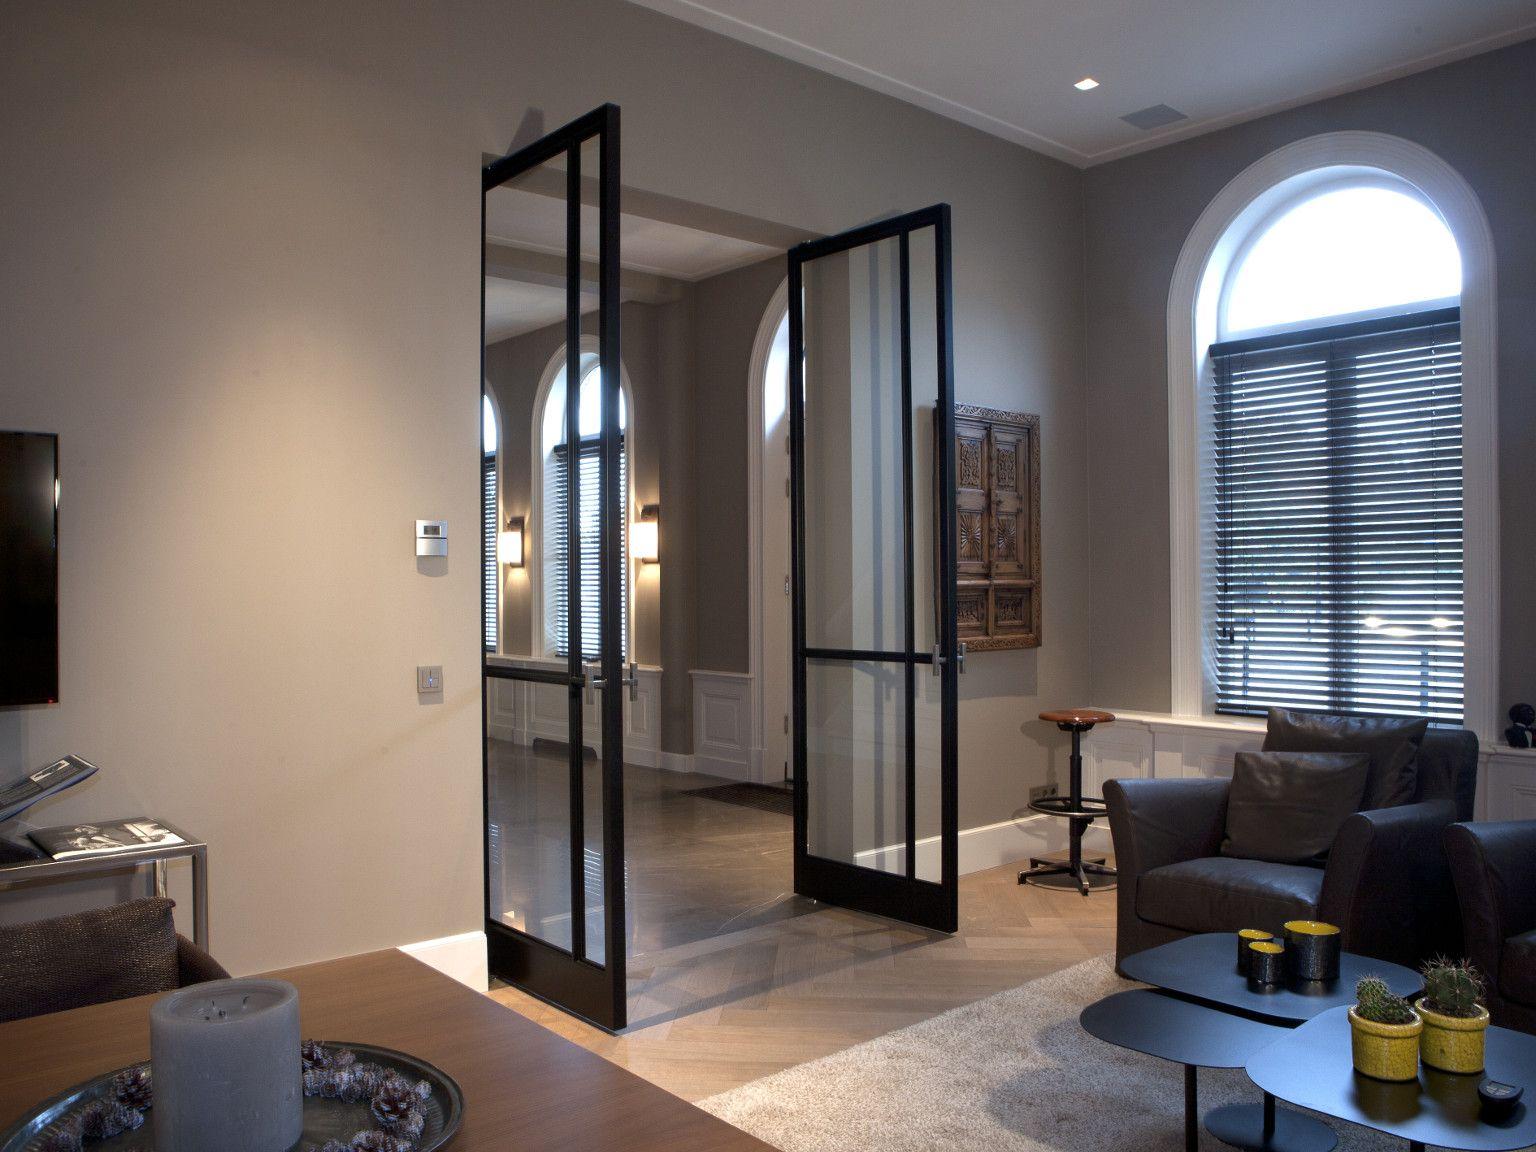 Voor een project in amsterdam mochten wij een stijlvolle woning